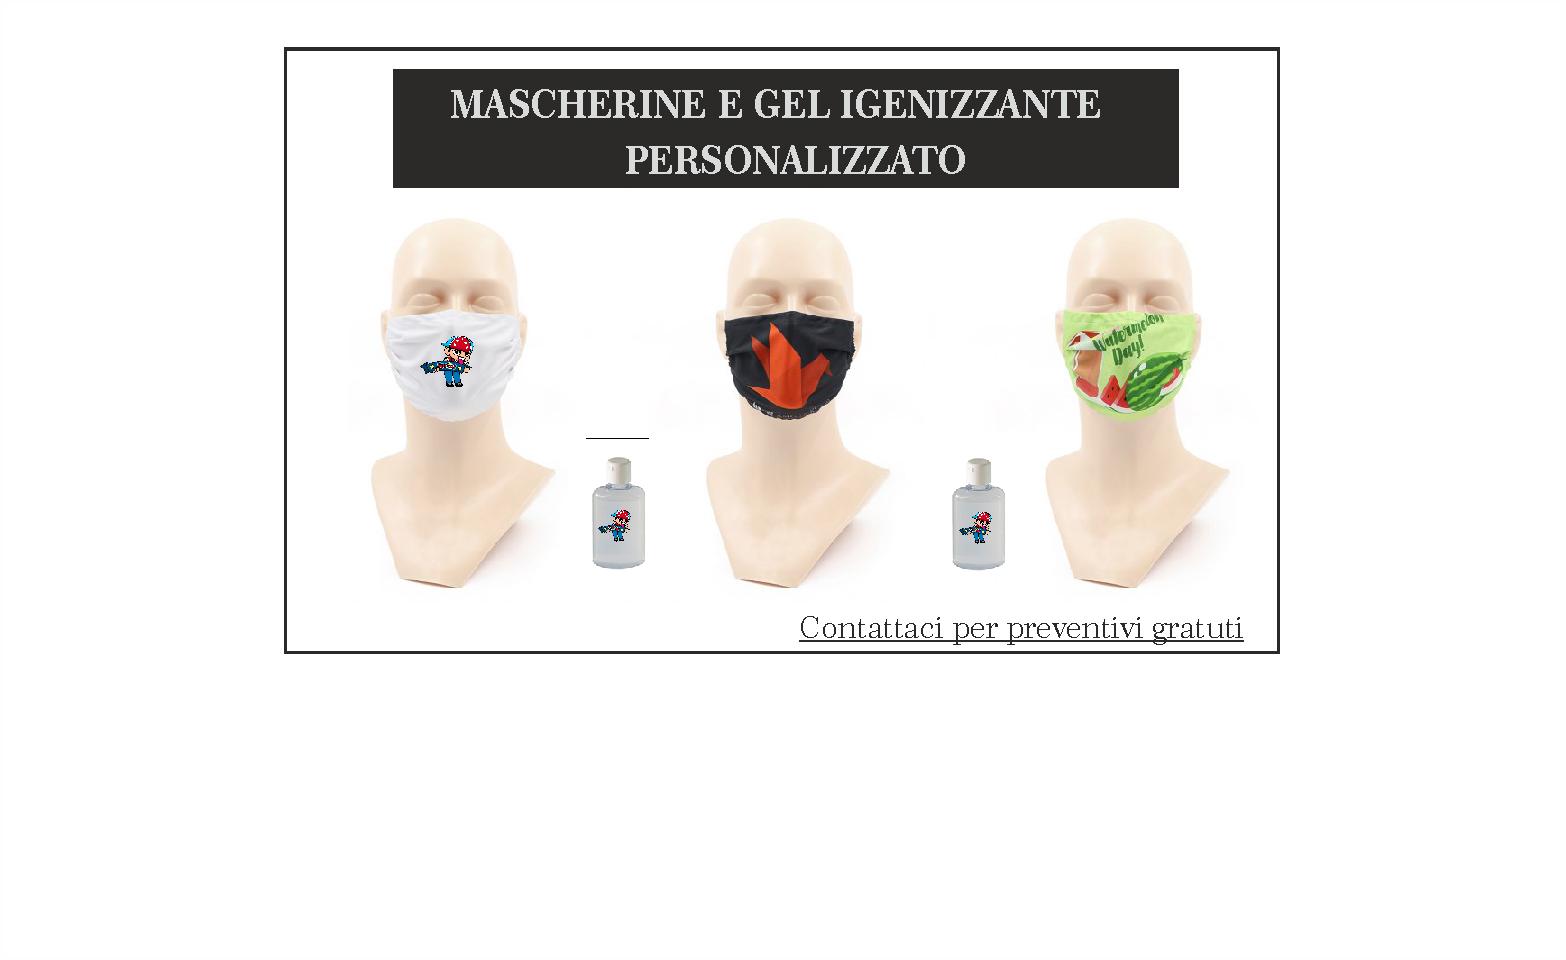 Mascherine personalizzate